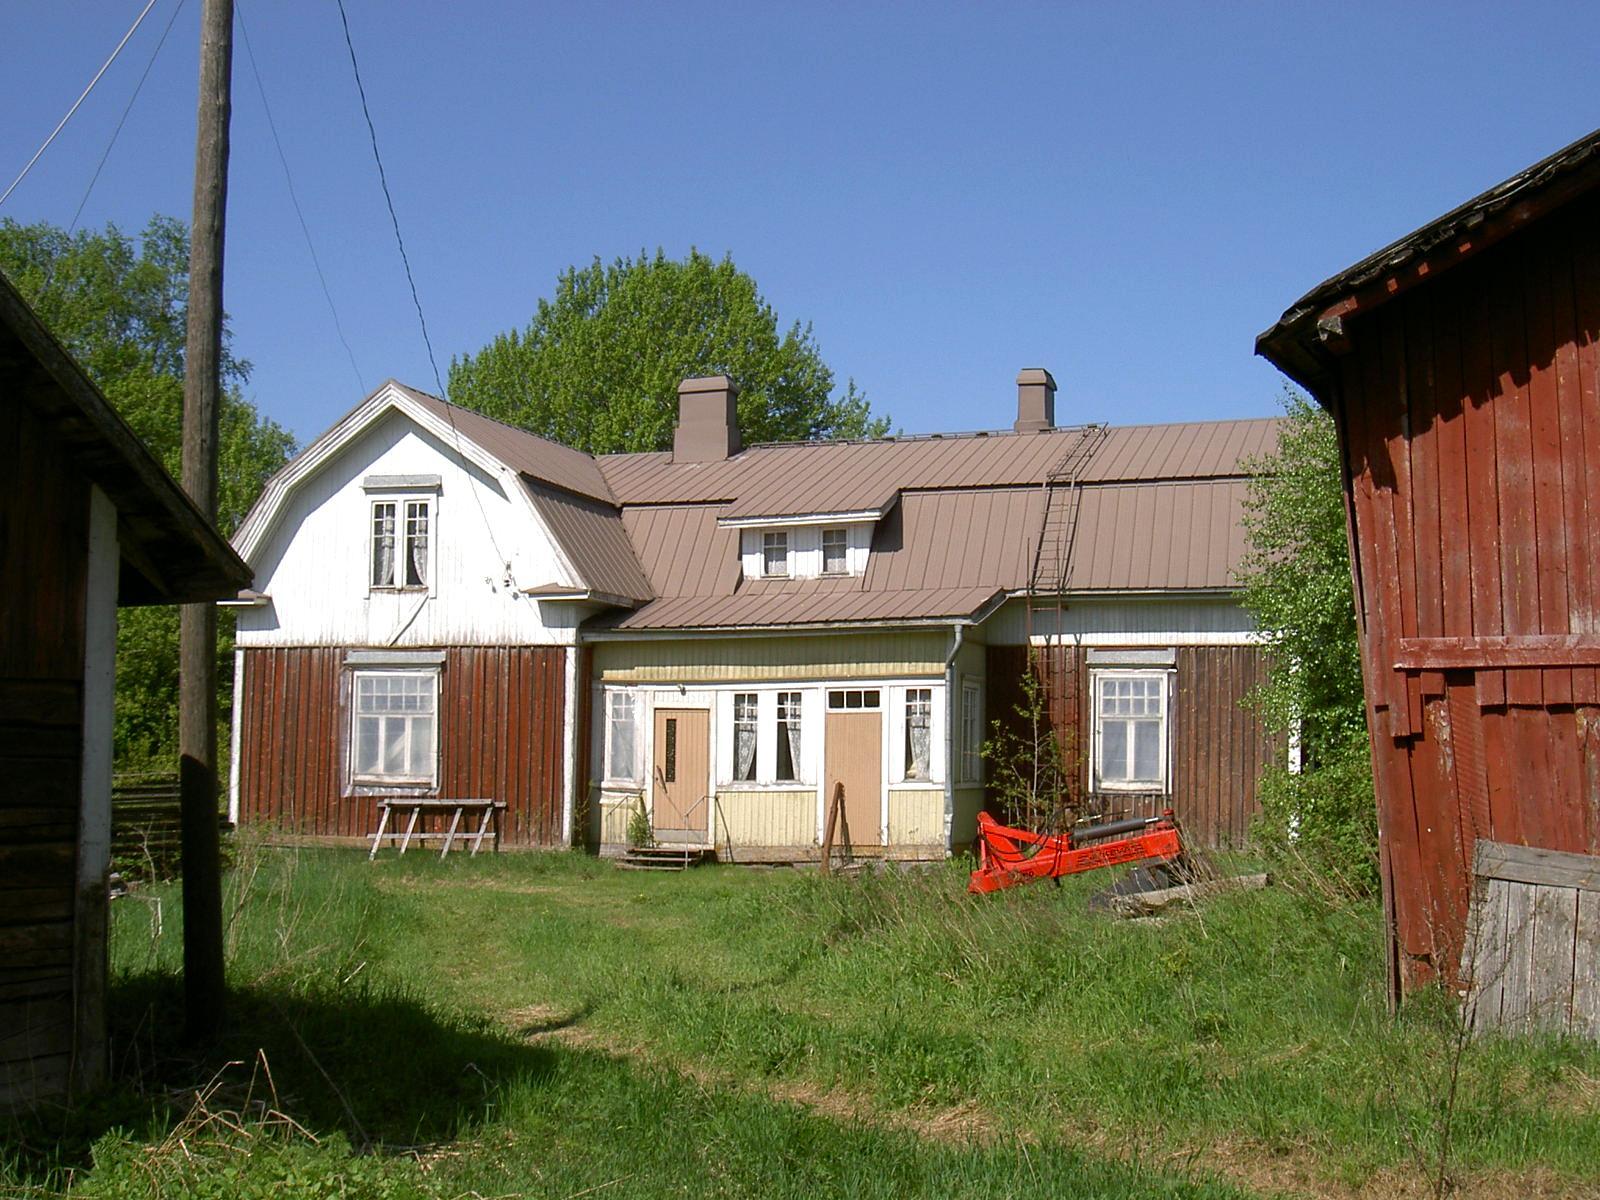 Gården fotograferad från sydost 2003.